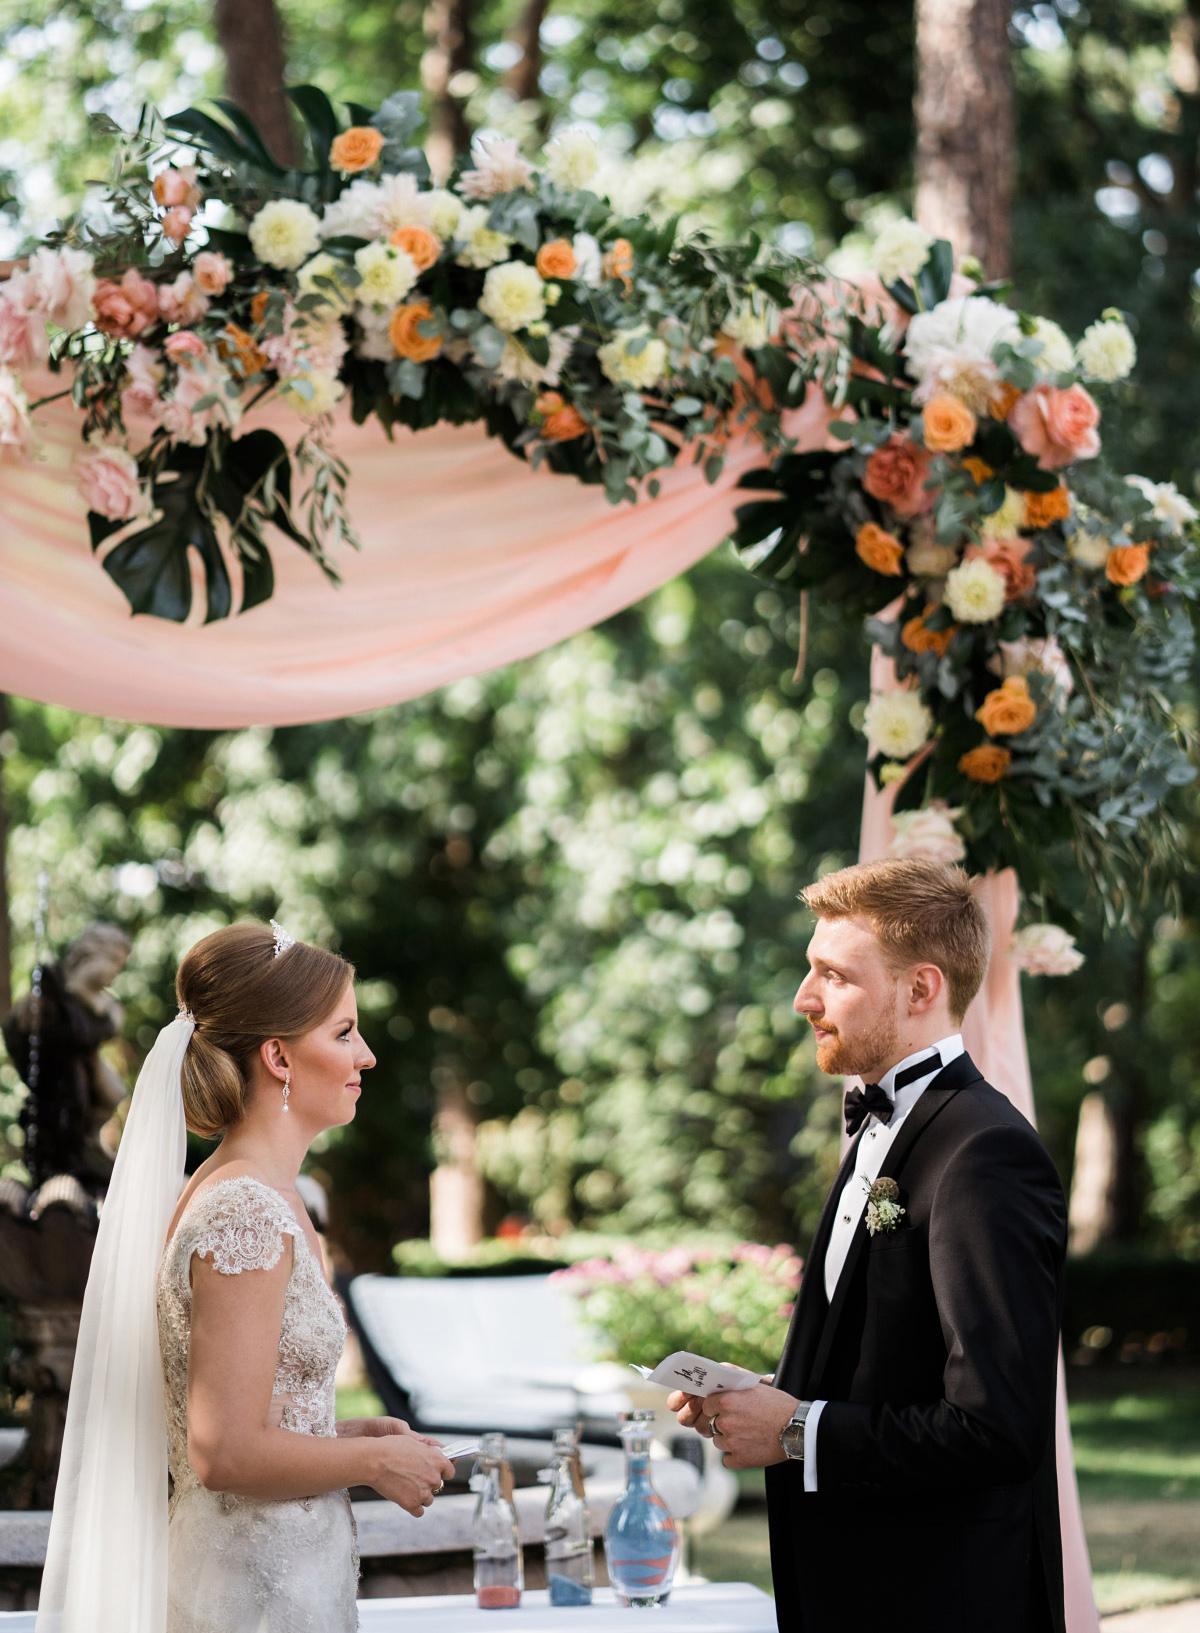 Trauversprechen freie Trauung - Schlosshotel Berlin Hochzeitsfotograf © www.hochzeitslicht.de